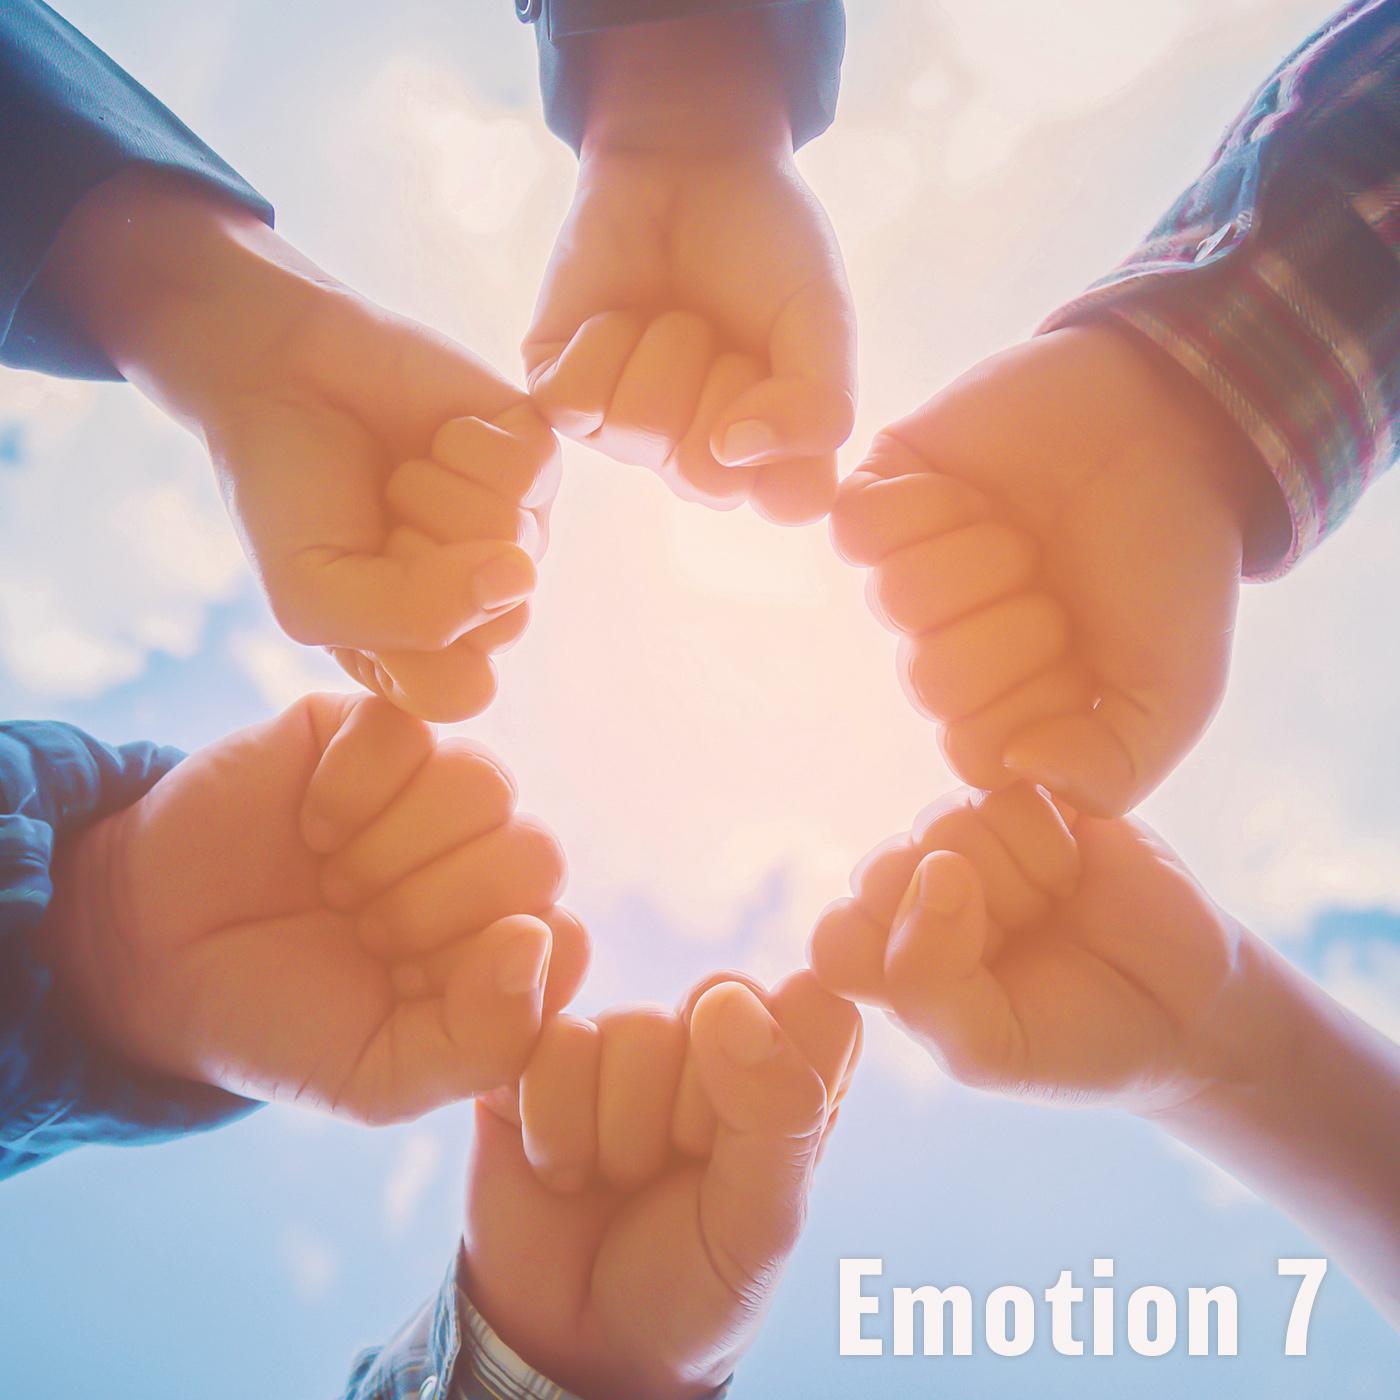 Emotion 7